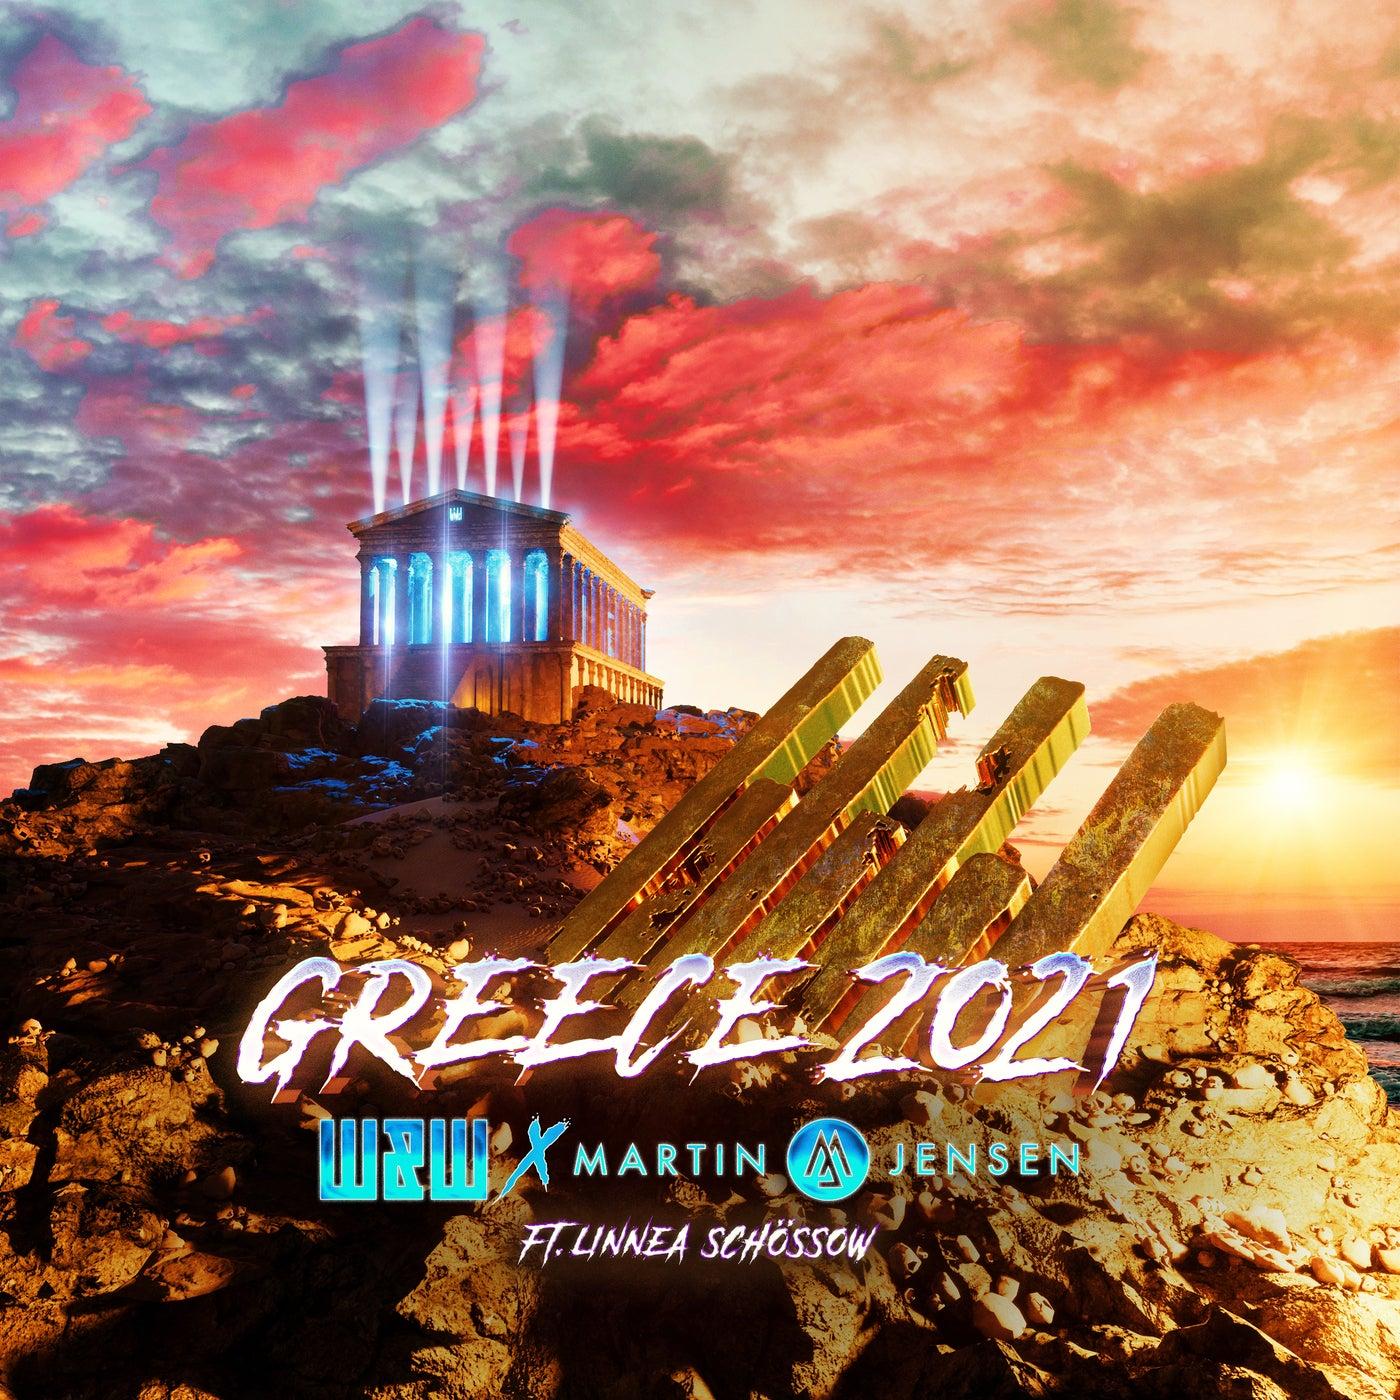 Greece 2021 feat. Linnea Schossow (Extended Mix)